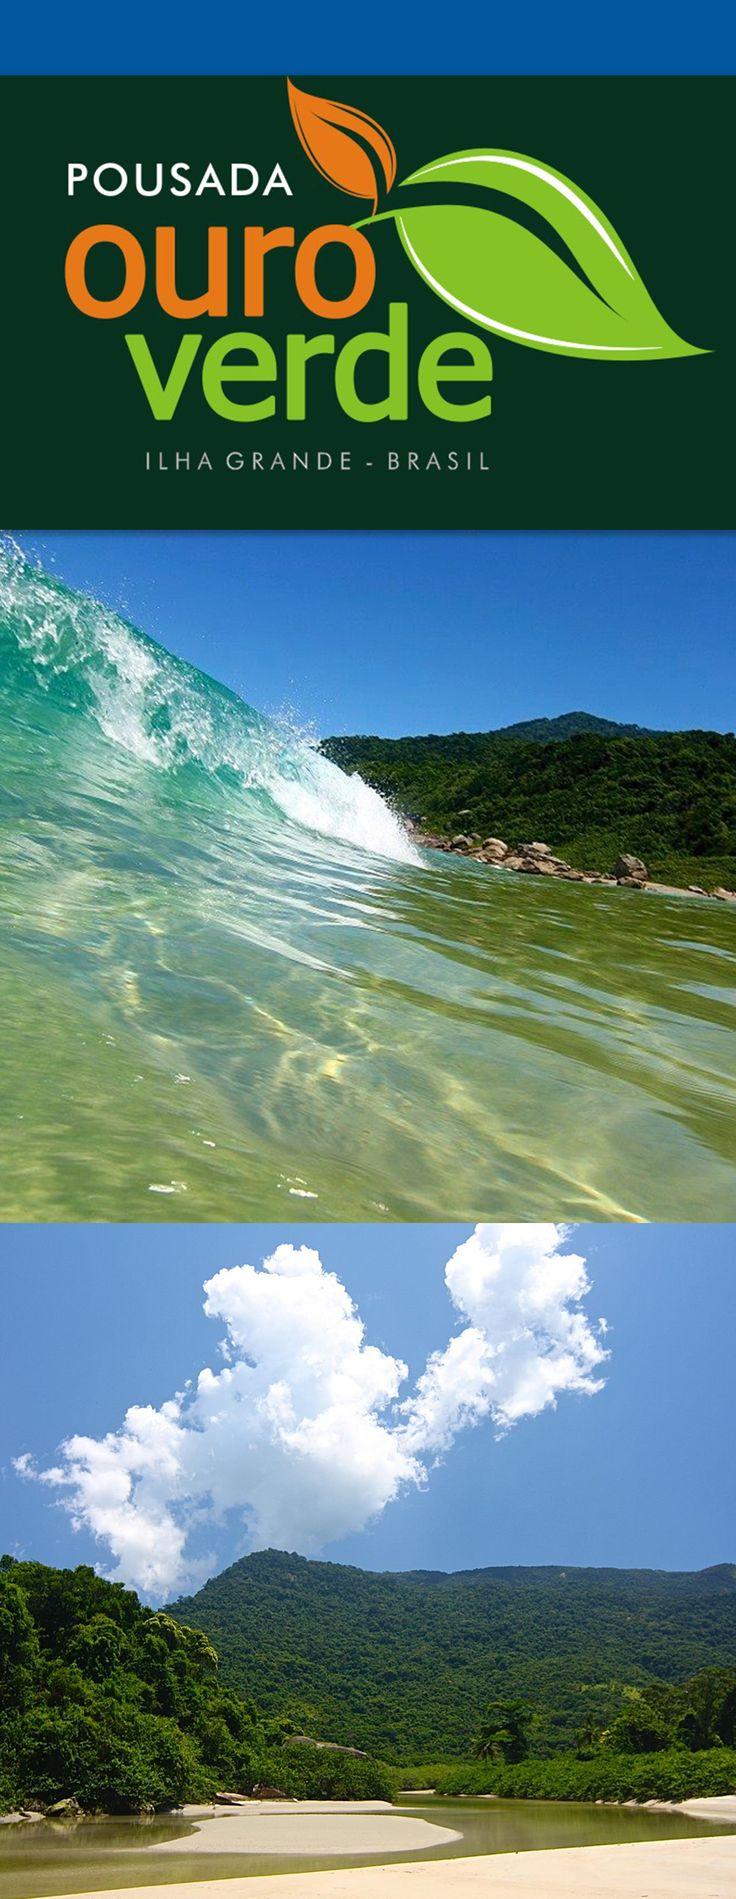 Desenvolvimento - LOGO POUSADA OURO VERDE - Ilha Grande - Brazil